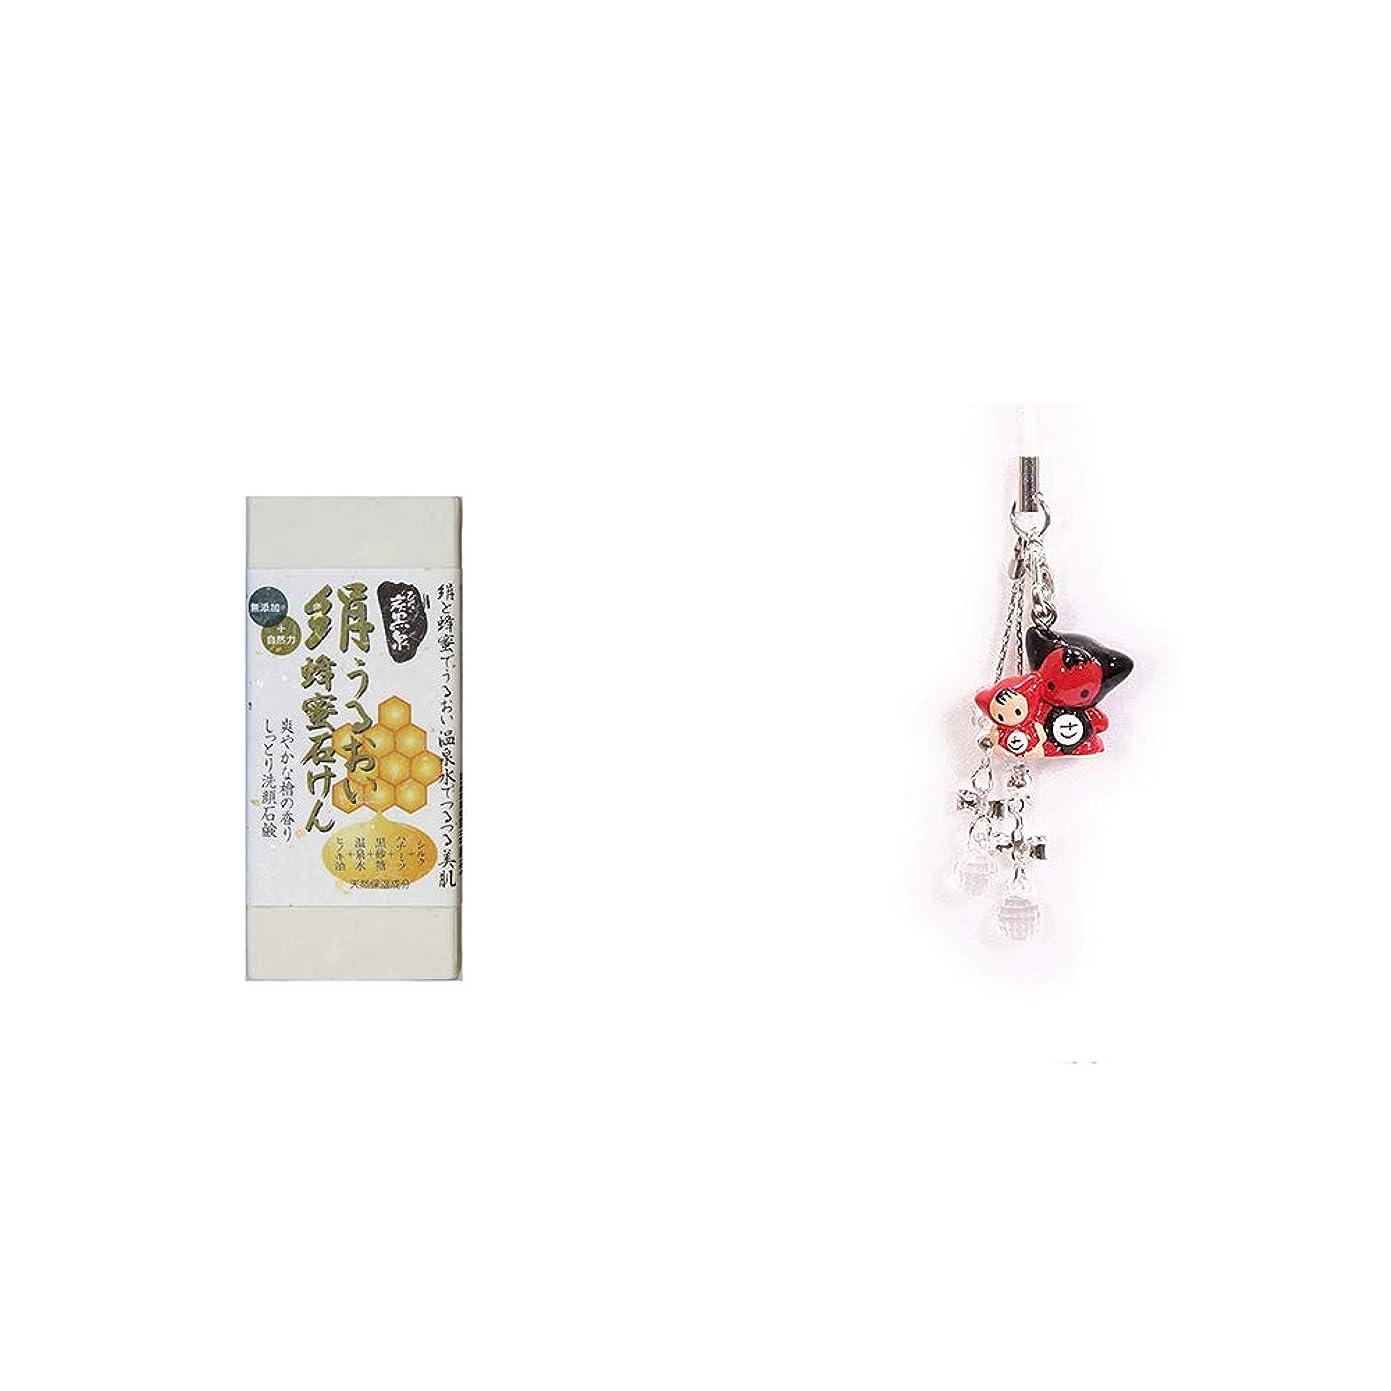 揮発性モードスプレー[2点セット] ひのき炭黒泉 絹うるおい蜂蜜石けん(75g×2)?さるぼぼペアビーズストラップ 【クリア】/縁結び?魔除け//